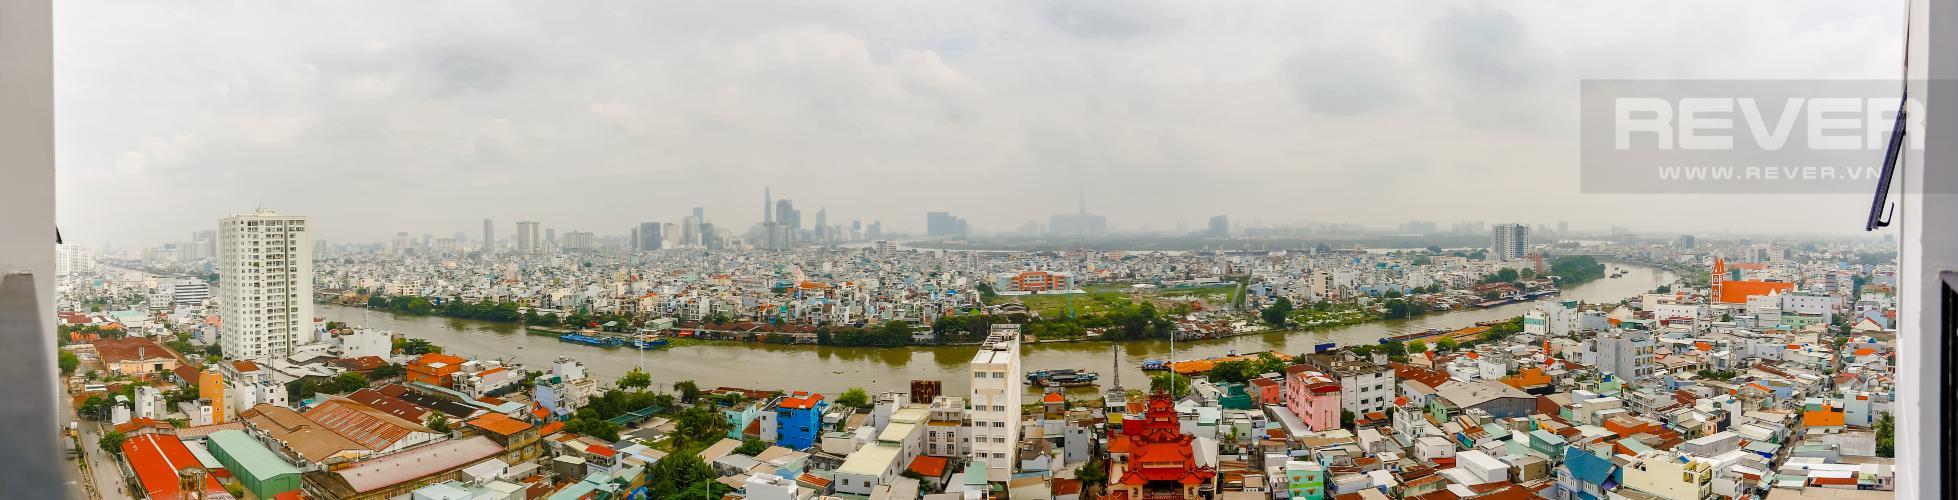 View Căn hộ M-One Nam Sài Gòn 2 phòng ngủ tầng cao T1 nội thất đầy đủ